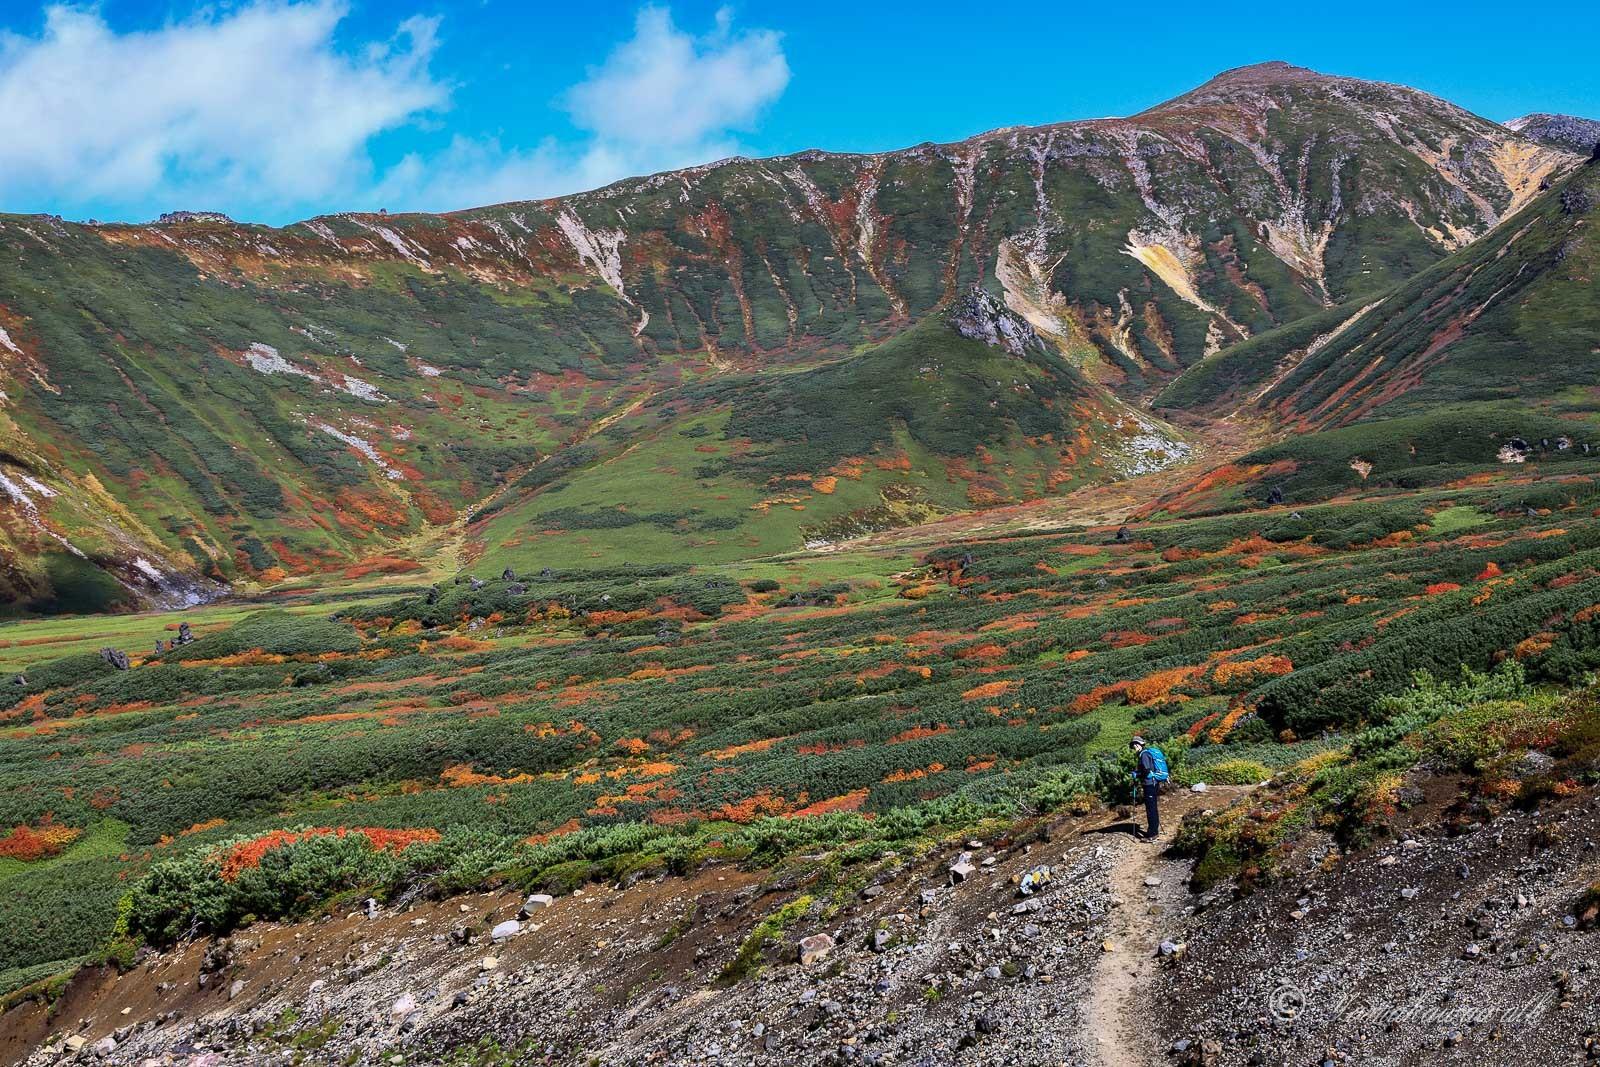 裾合平から中岳温泉まで歩いてきた_b0243727_20284869.jpg